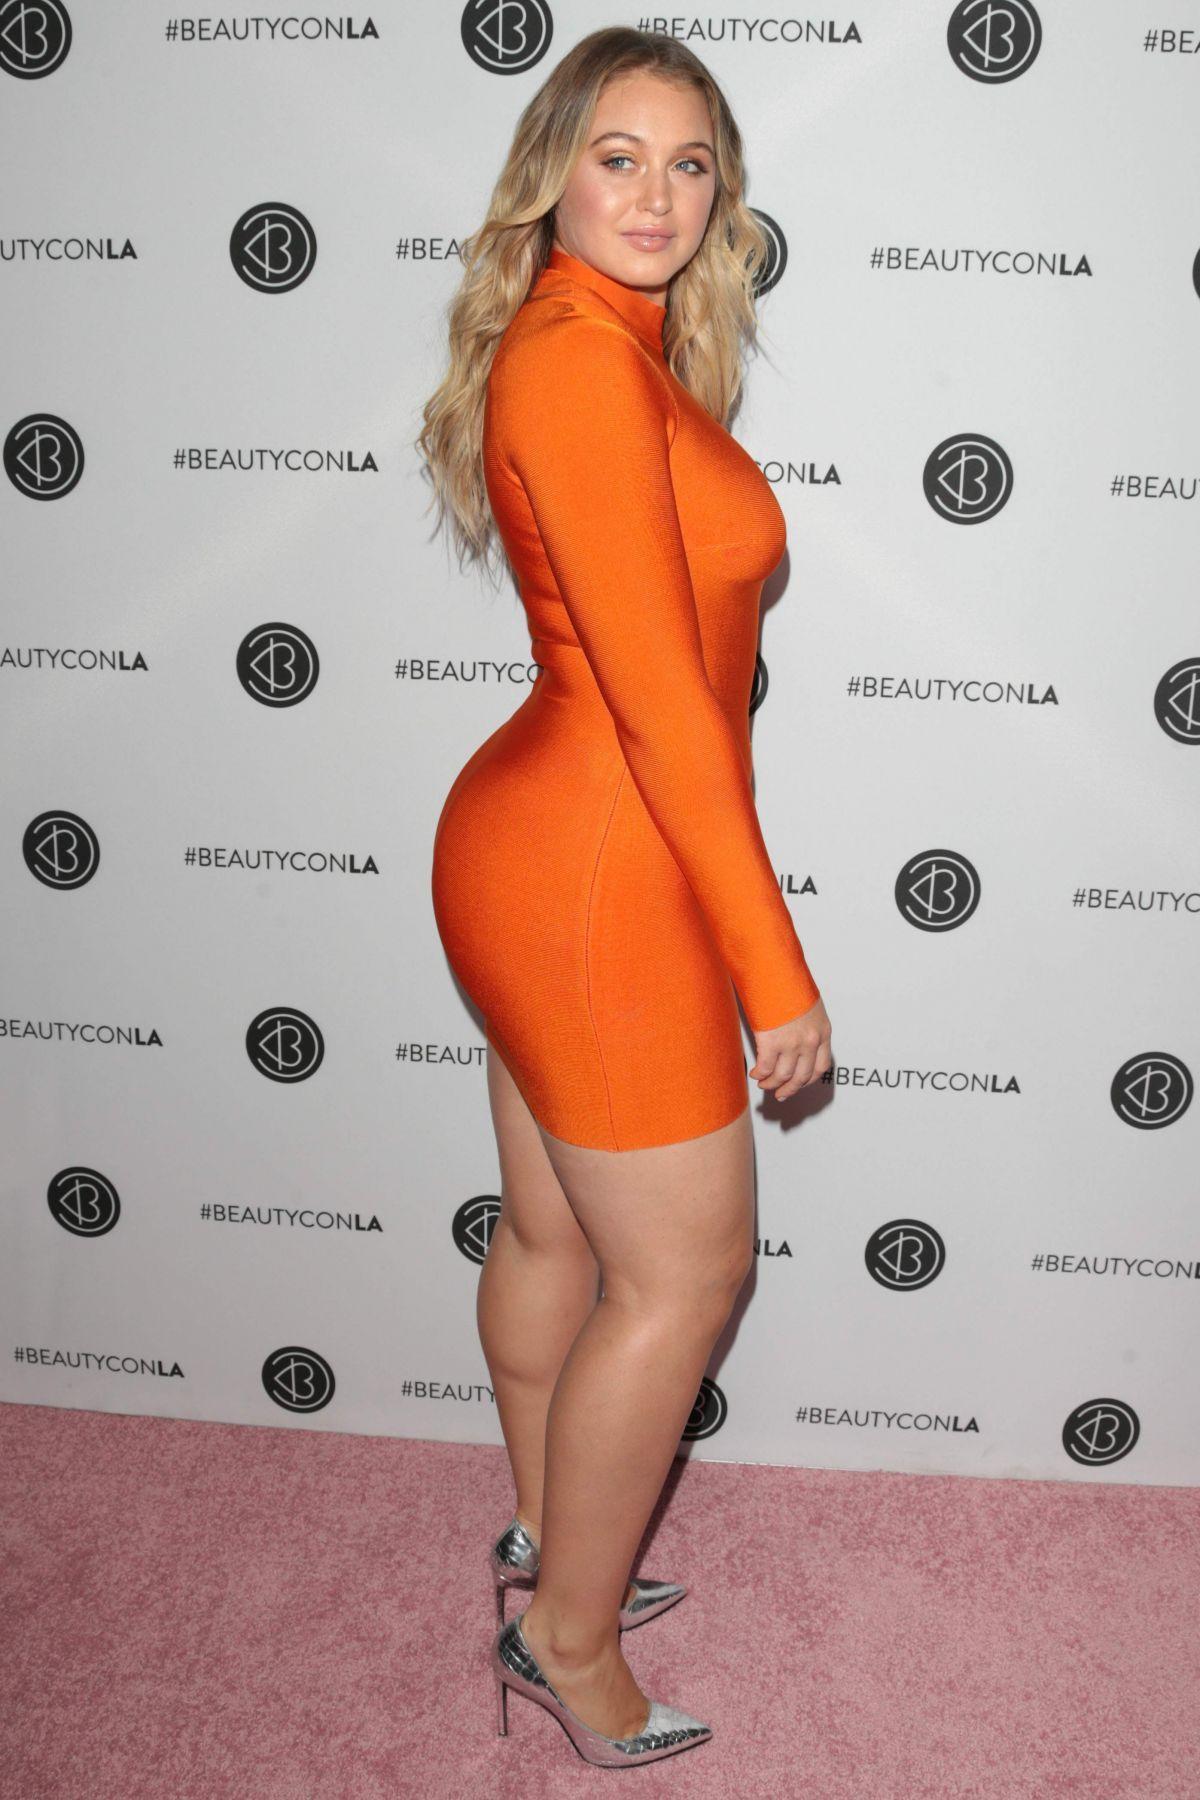 nude (61 photo), Hot Celebrity image